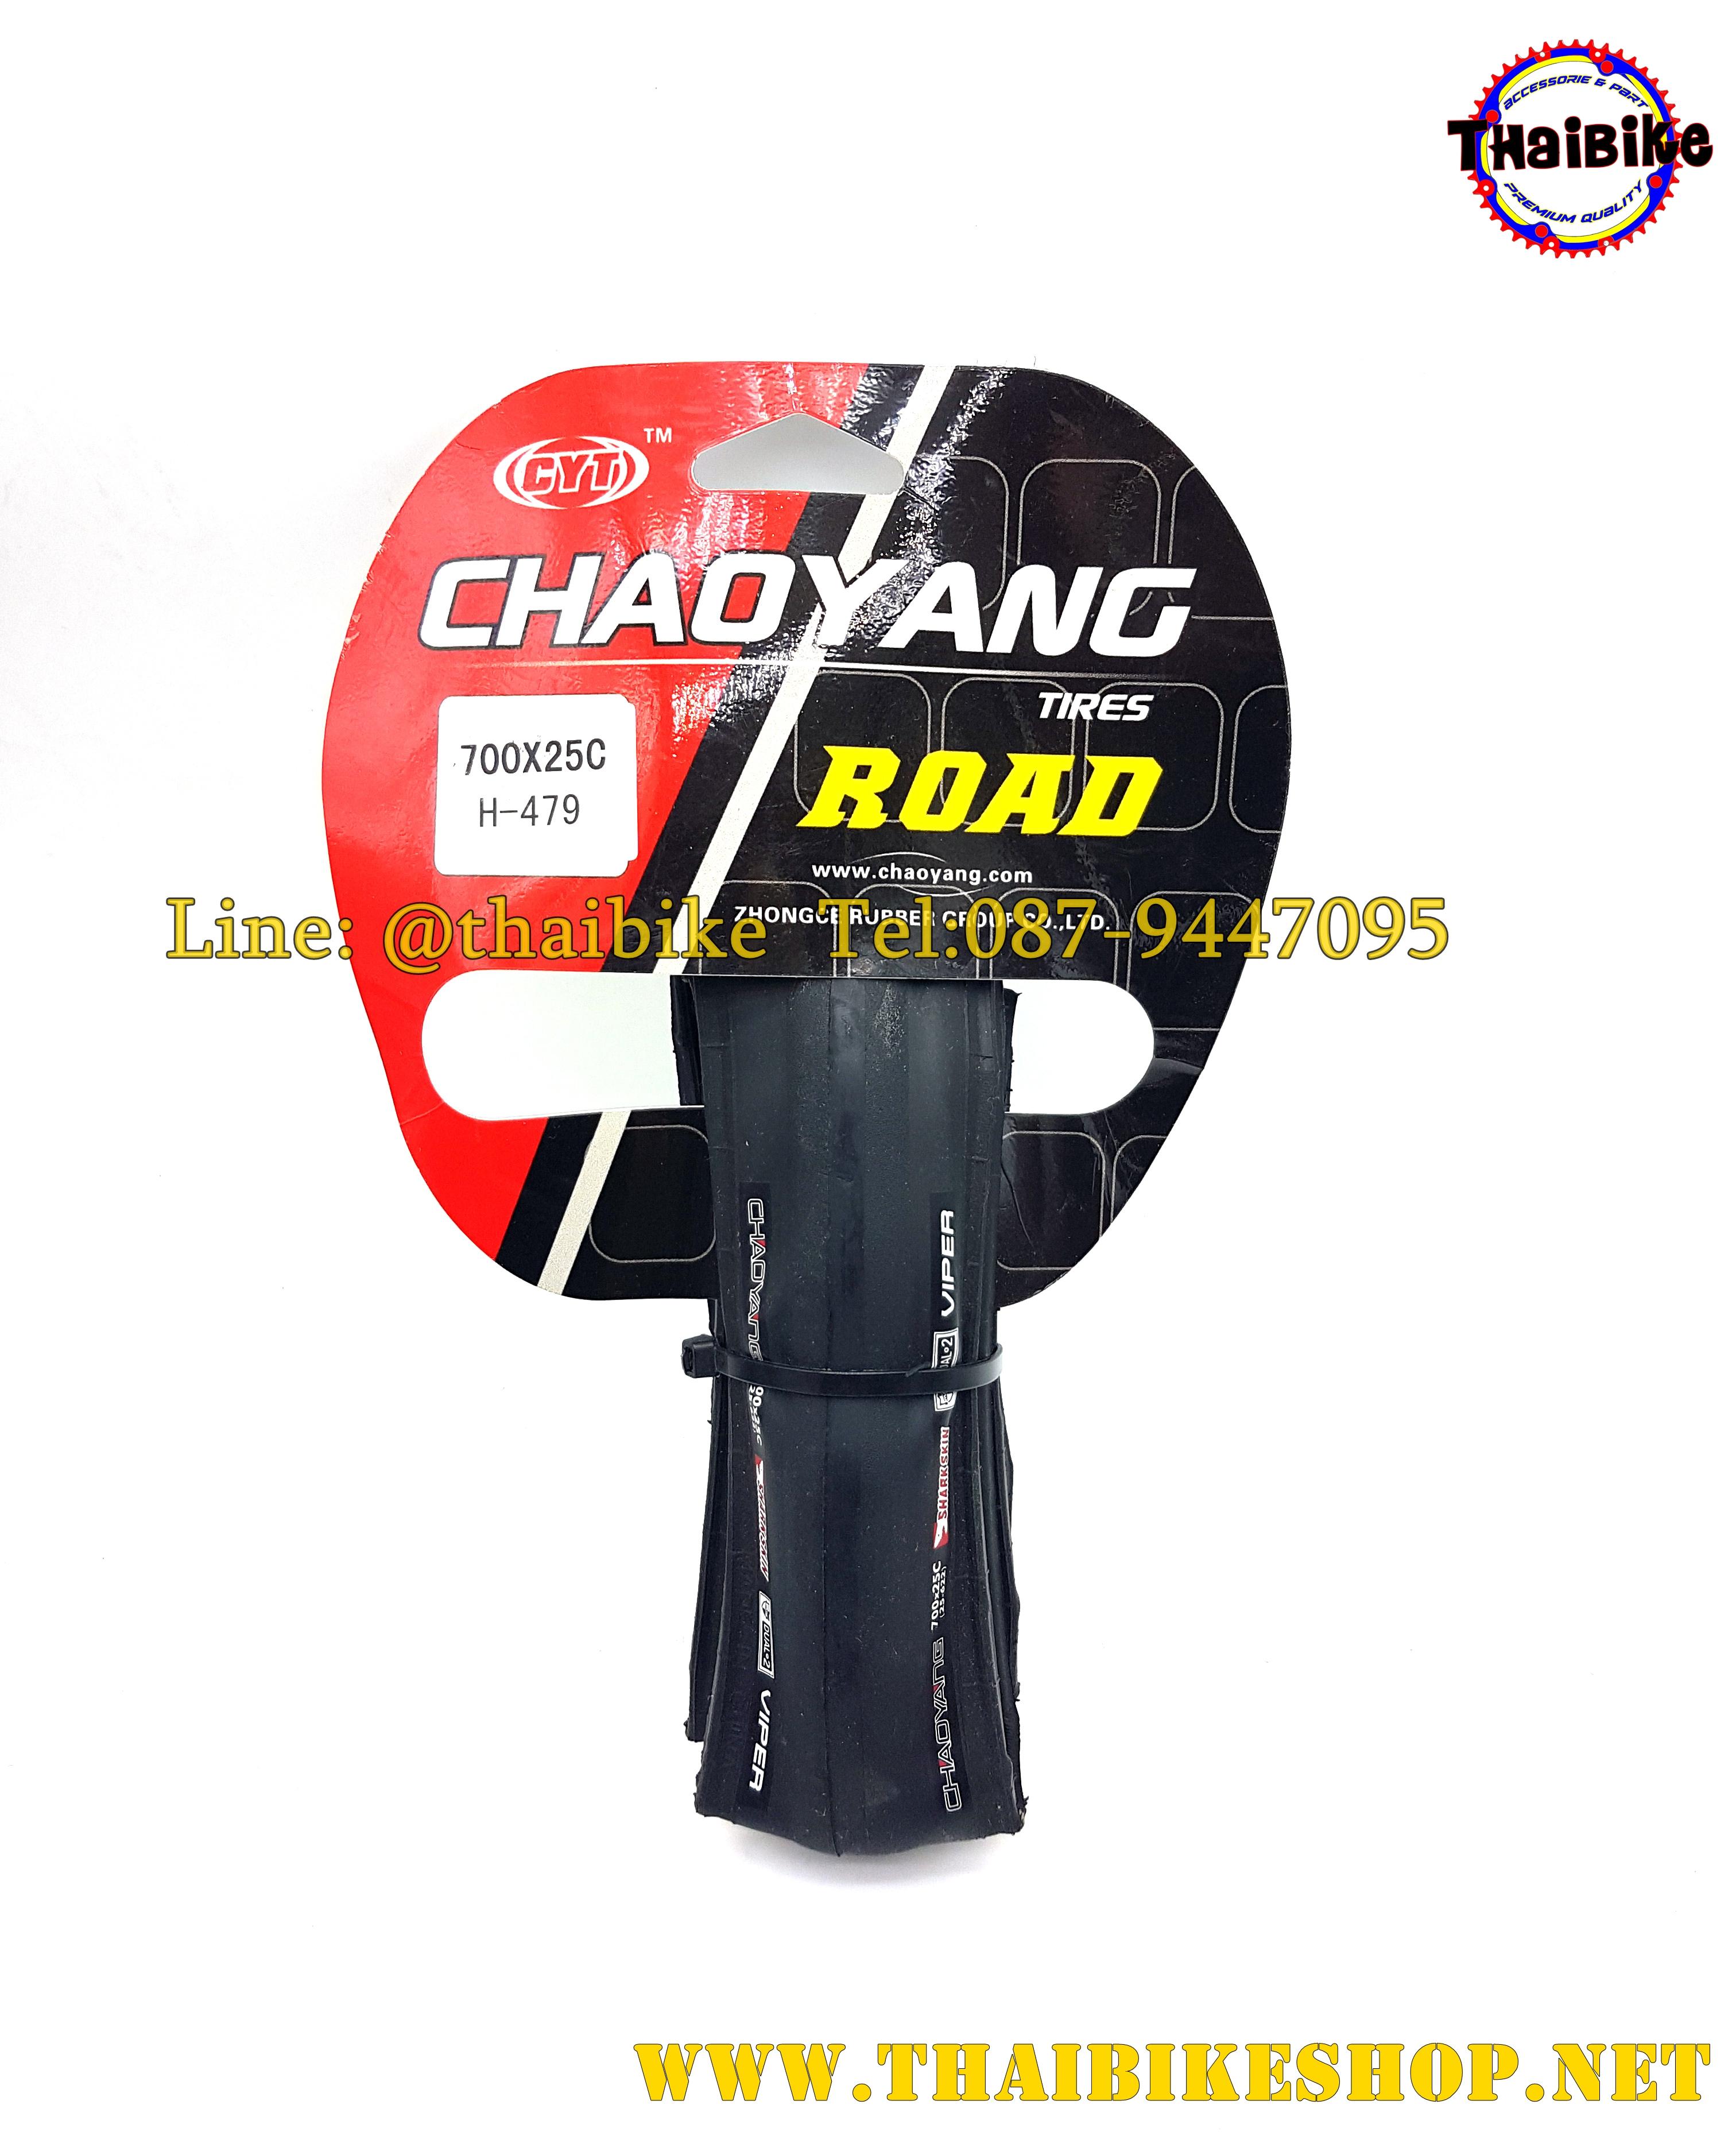 ยางนอกขอบพับ CHAOYANG VIPER ขนาด 700